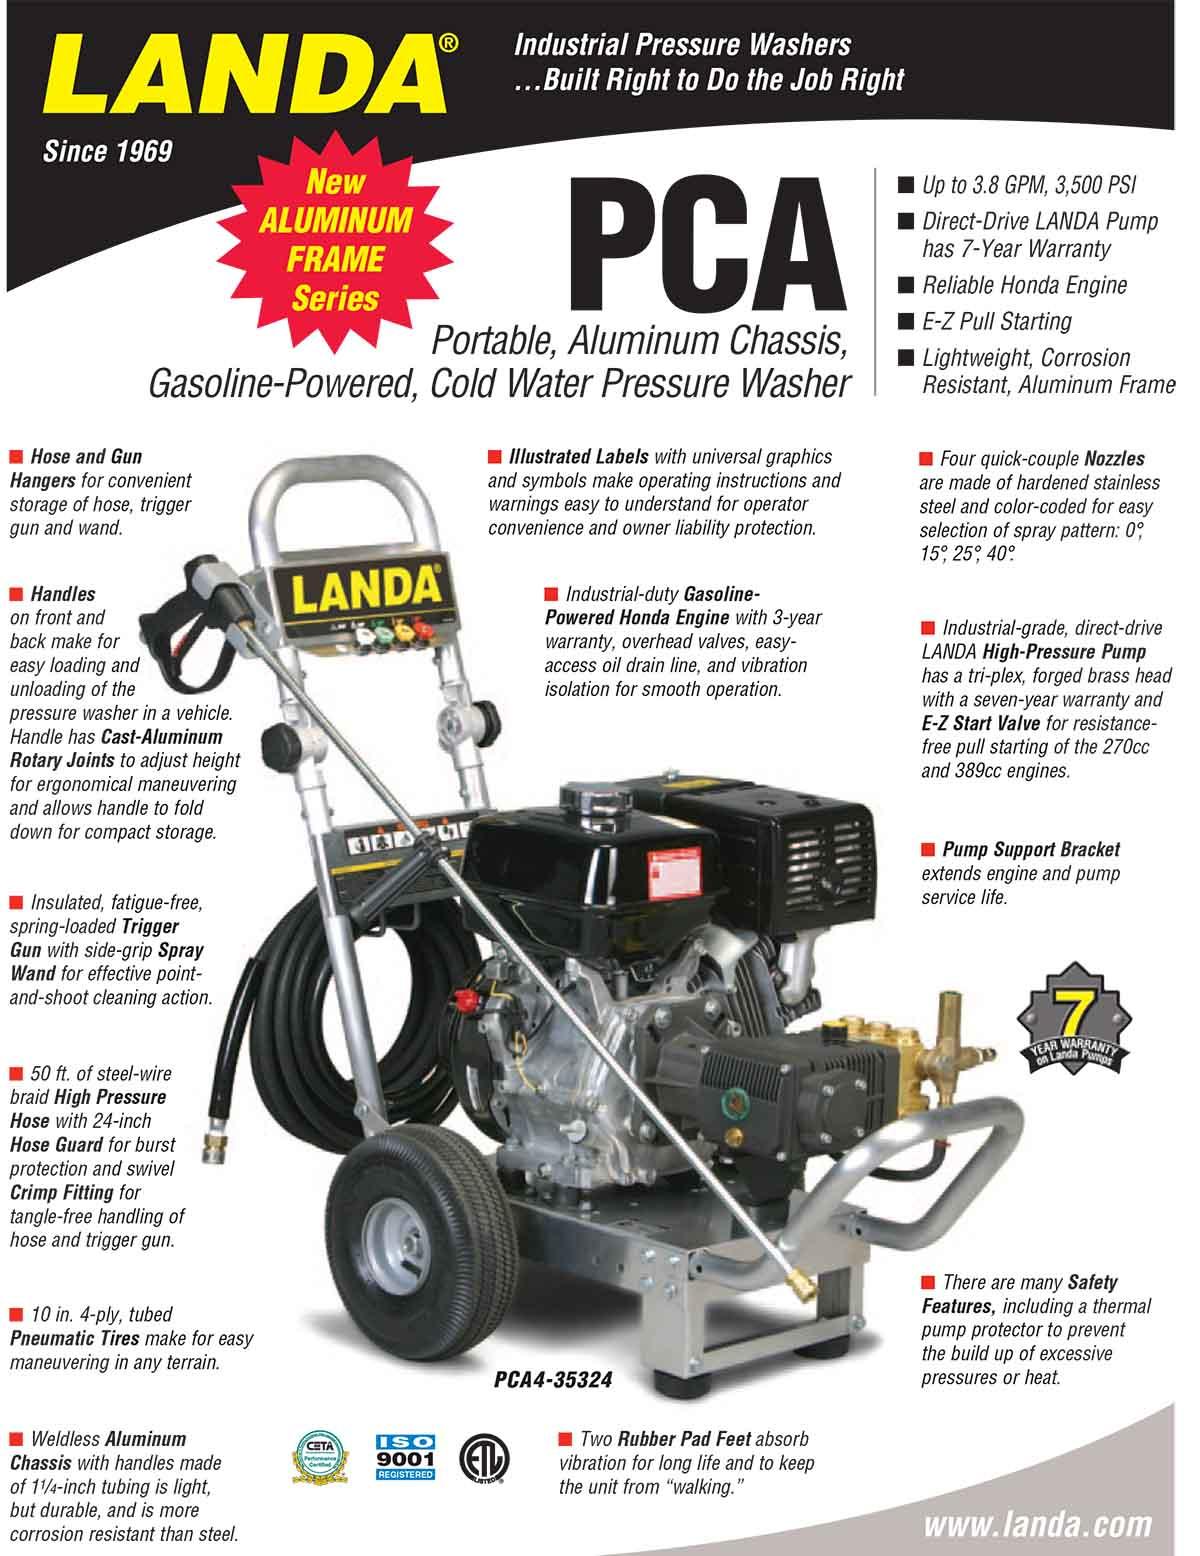 Karcher Pressure Washer Hds 650hochdruckreiniger Krcher Typ 698 580 Wiring Diagram 100 Www Jeffdoedesign Com